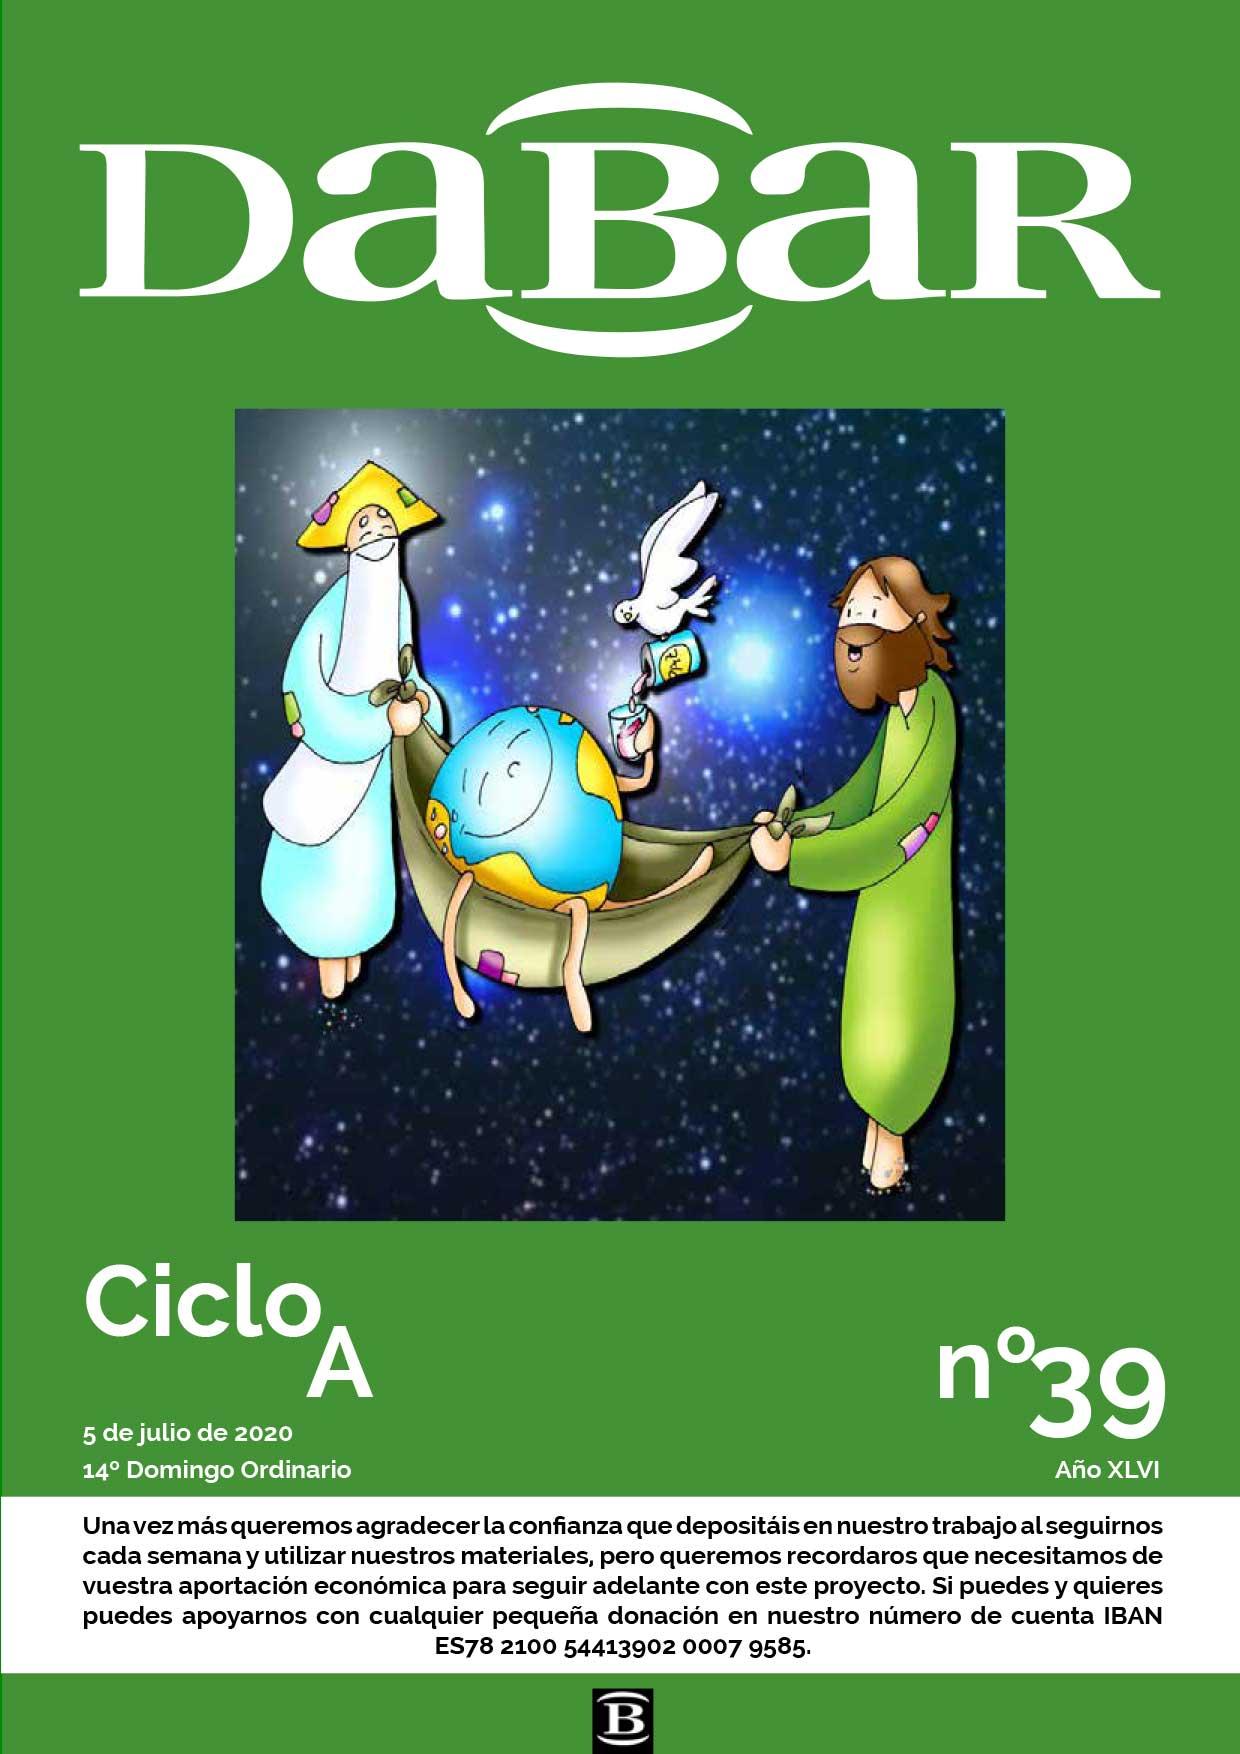 Dabar Revista numero 39 ciclo A